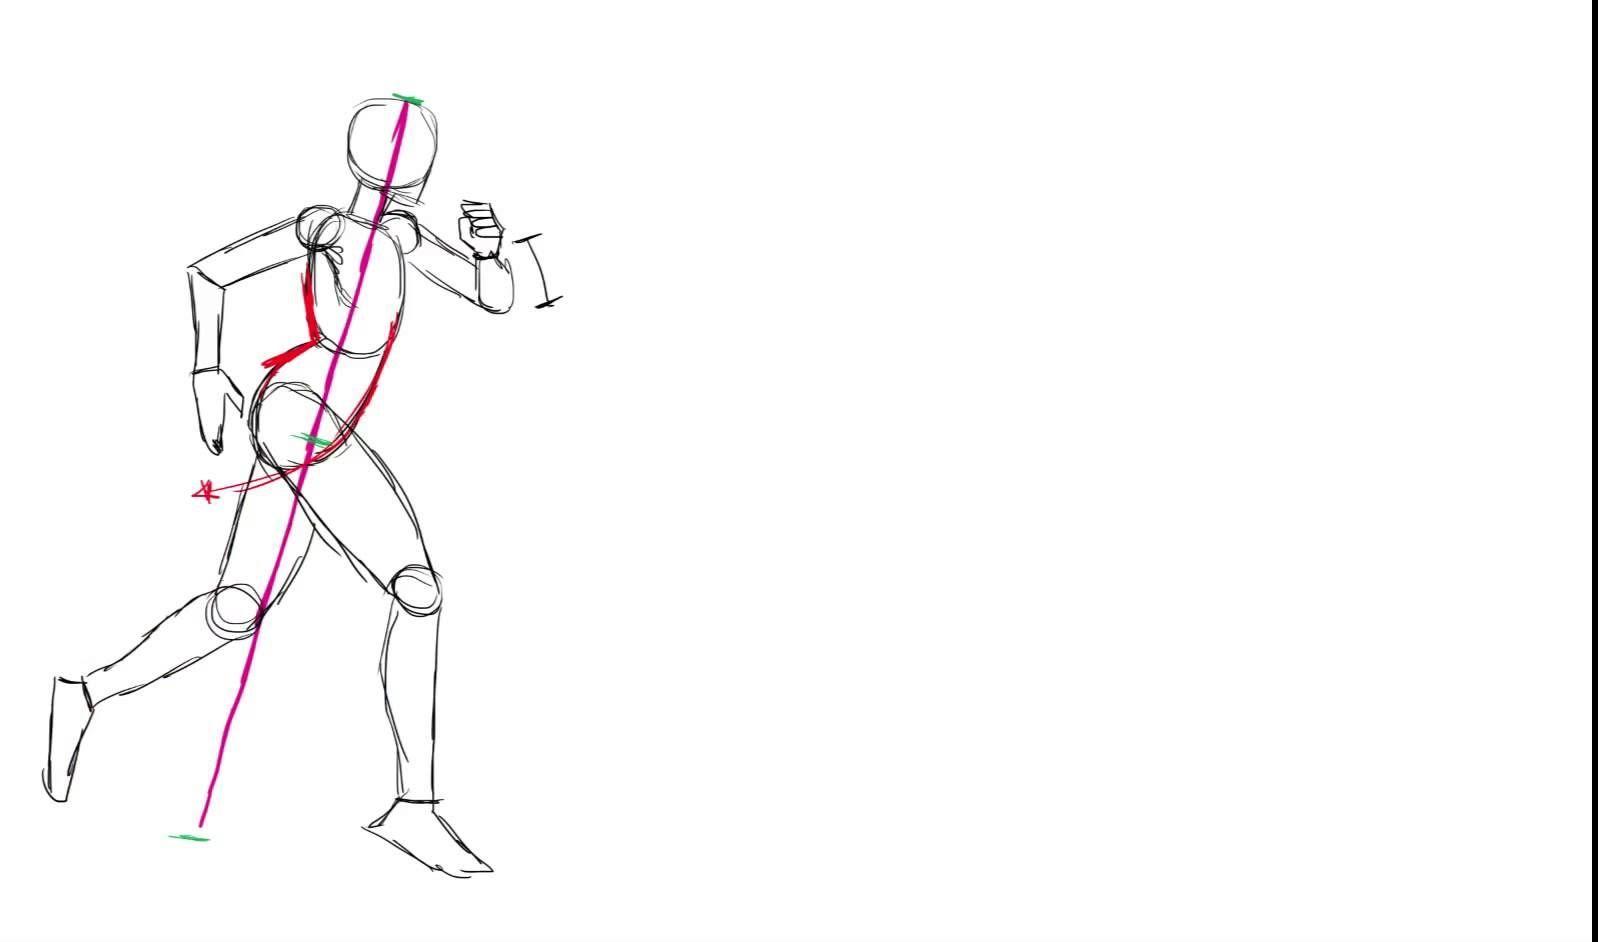 Persona Corriendo Dibujo Buscar Con Google Correr Dibujo Persona Corriendo Dibujo Persona Corriendo